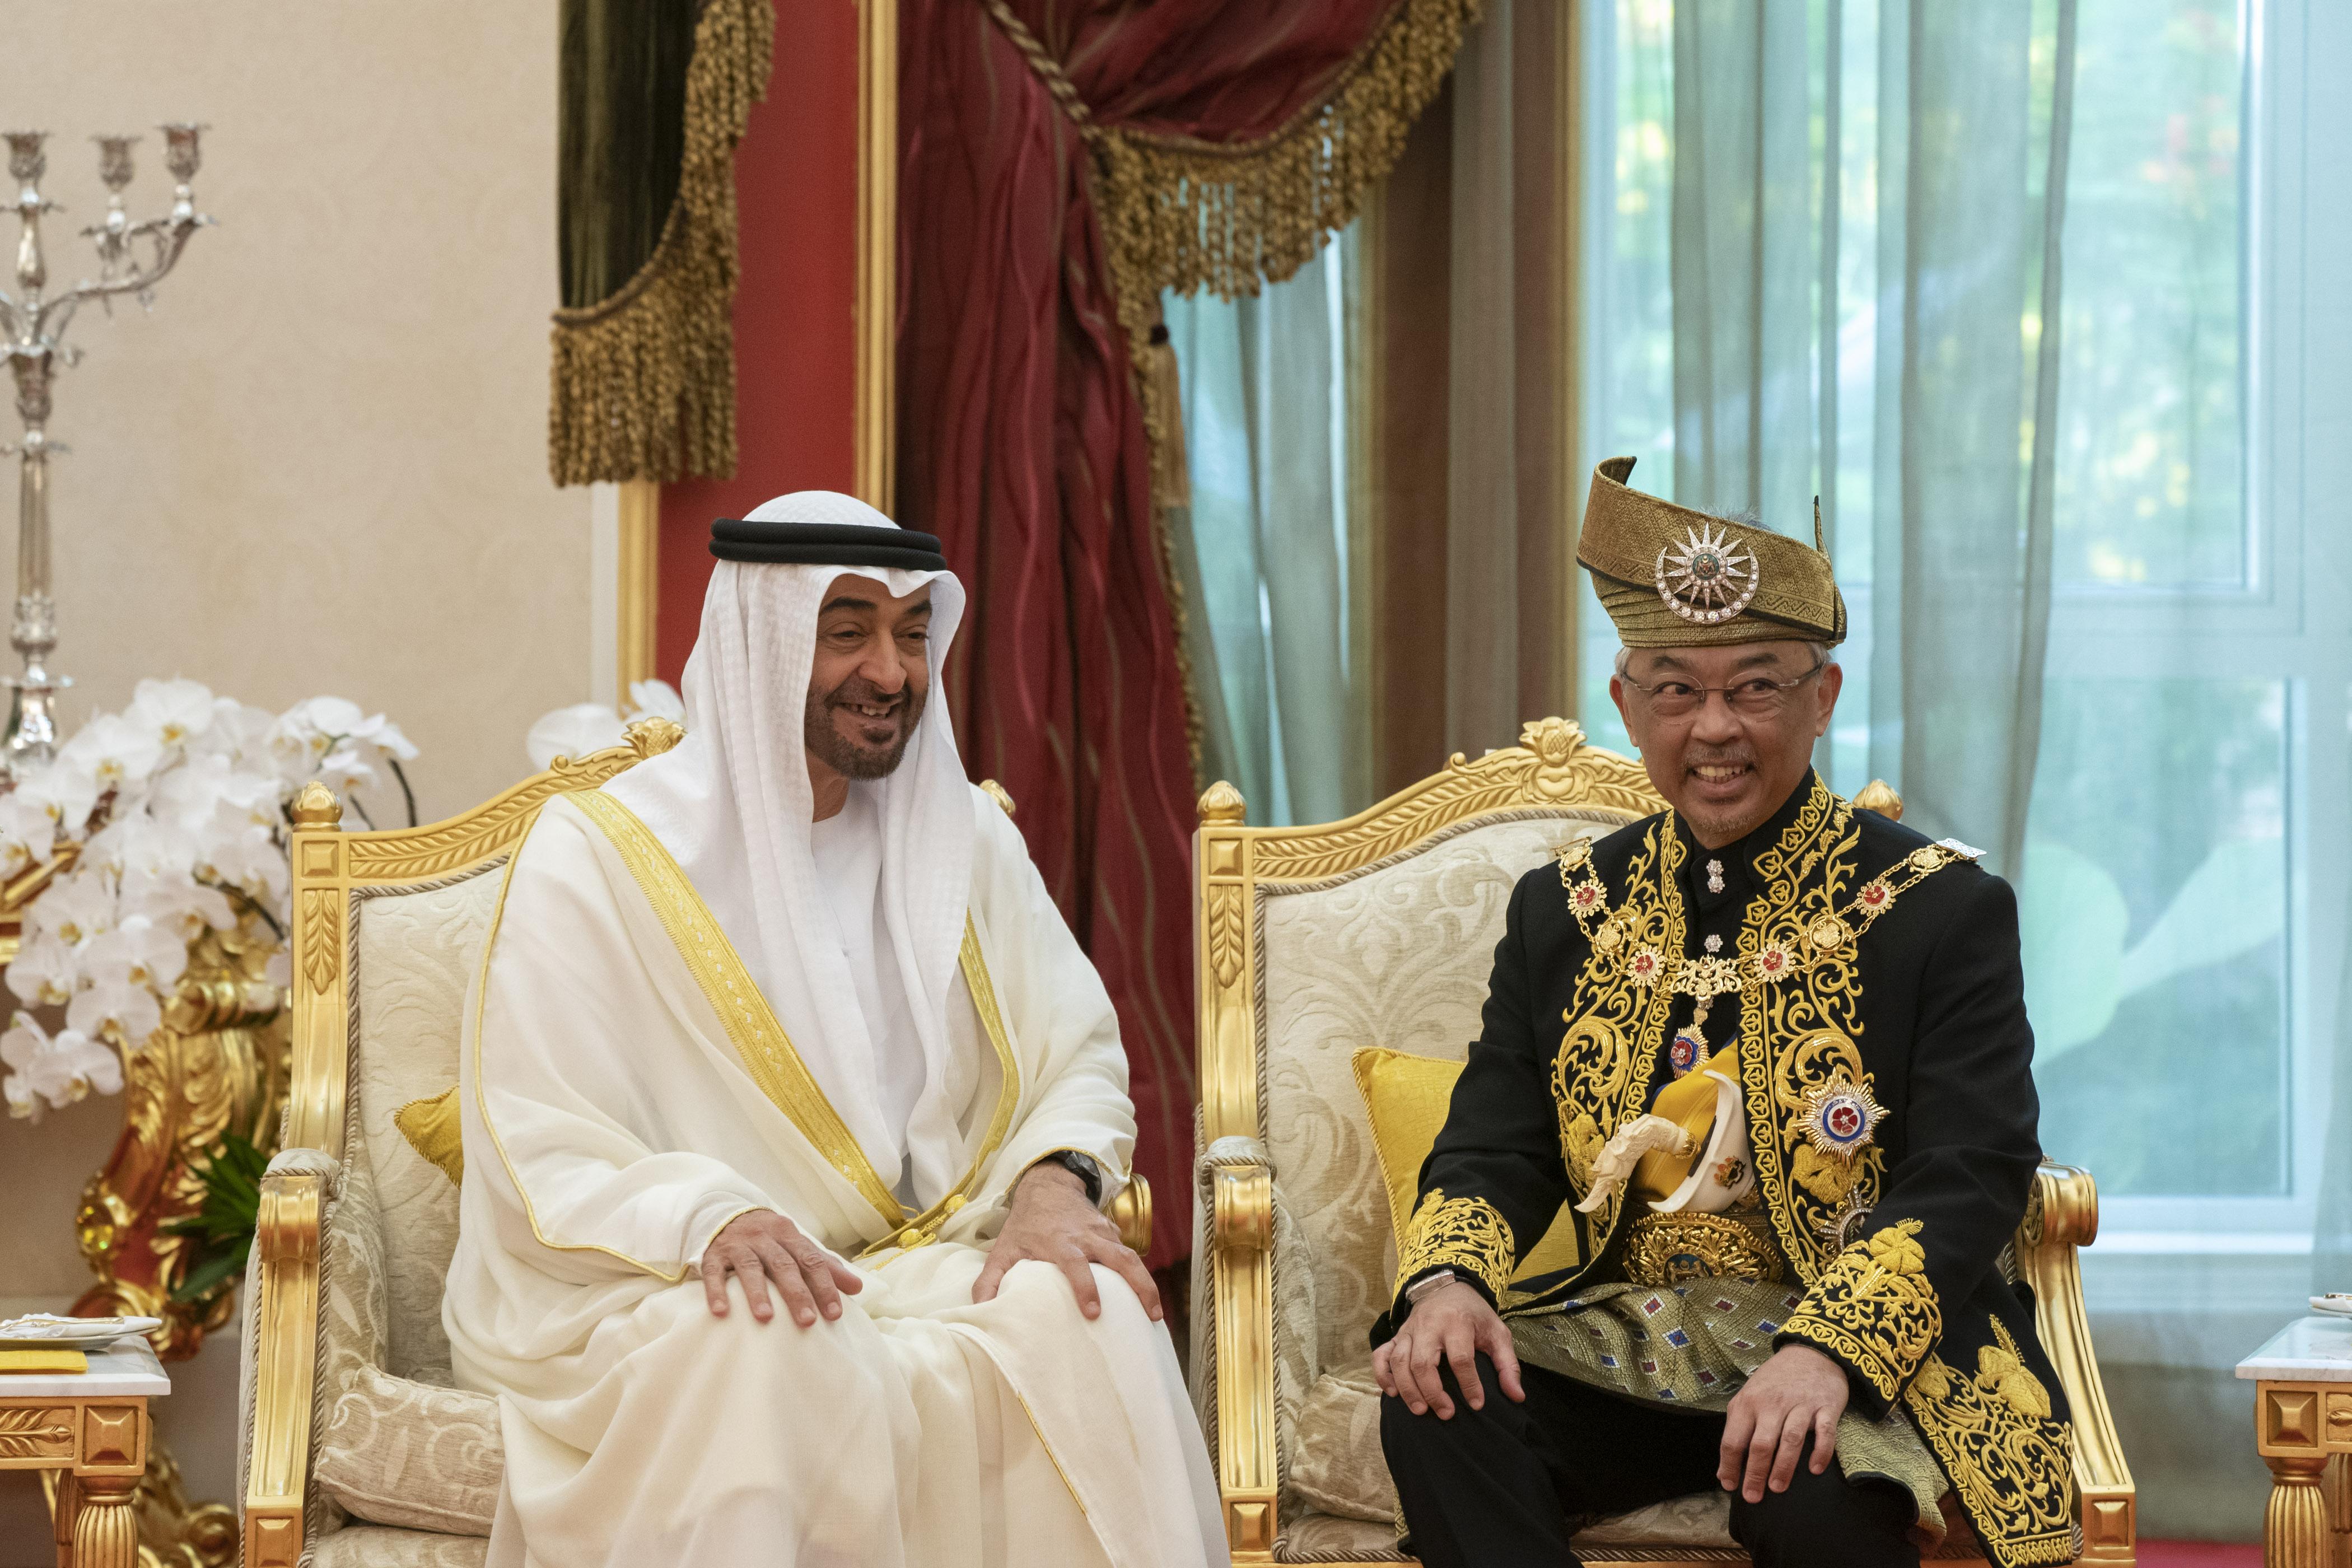 محمد بن زايد يحضر مراسم تنصيب عبدالله رعاية الدين المصطفى بالله ملكا لماليزيا